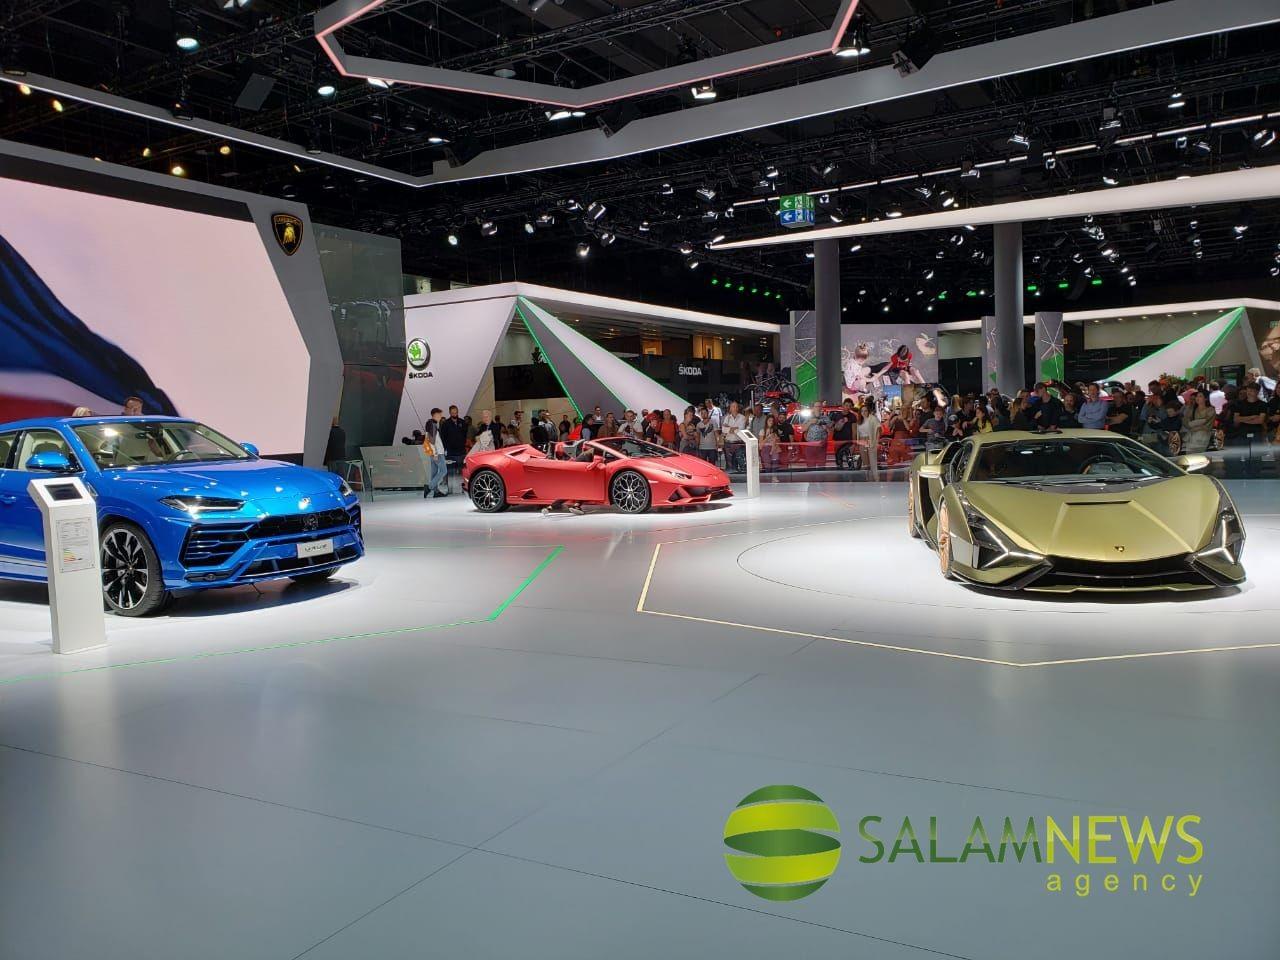 На открытии Франкфуртского автосалона Меркель выступила за более экологичные автомобили